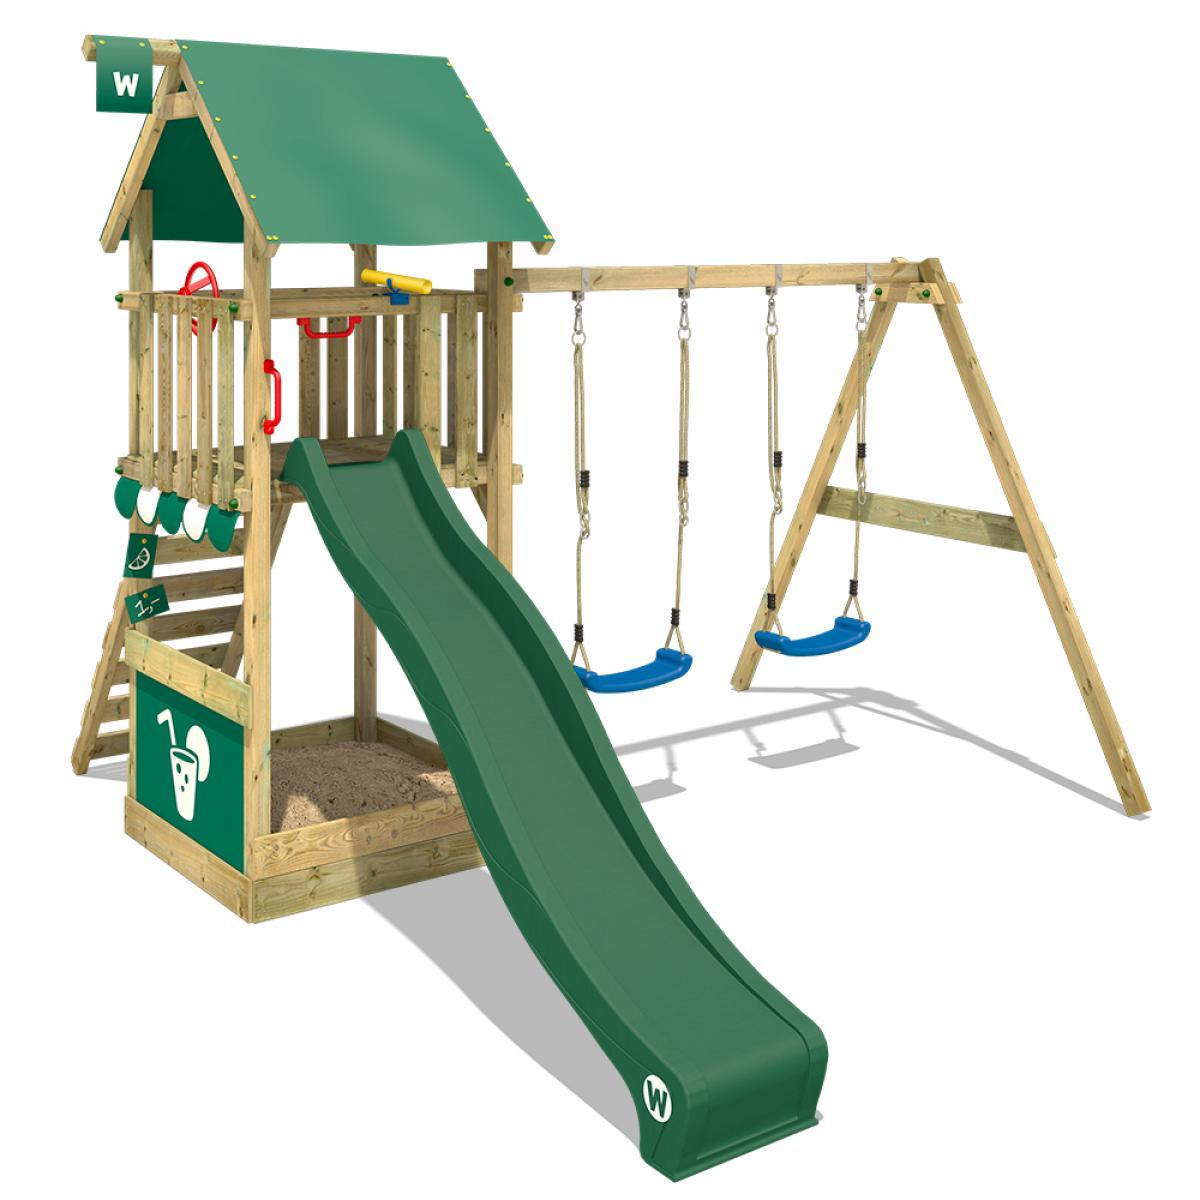 Wickey WICKEY Aire de jeux Portique bois Smart Shelter avec balançoire et toboggan vert Maison enfant exterieur avec bac à sabl